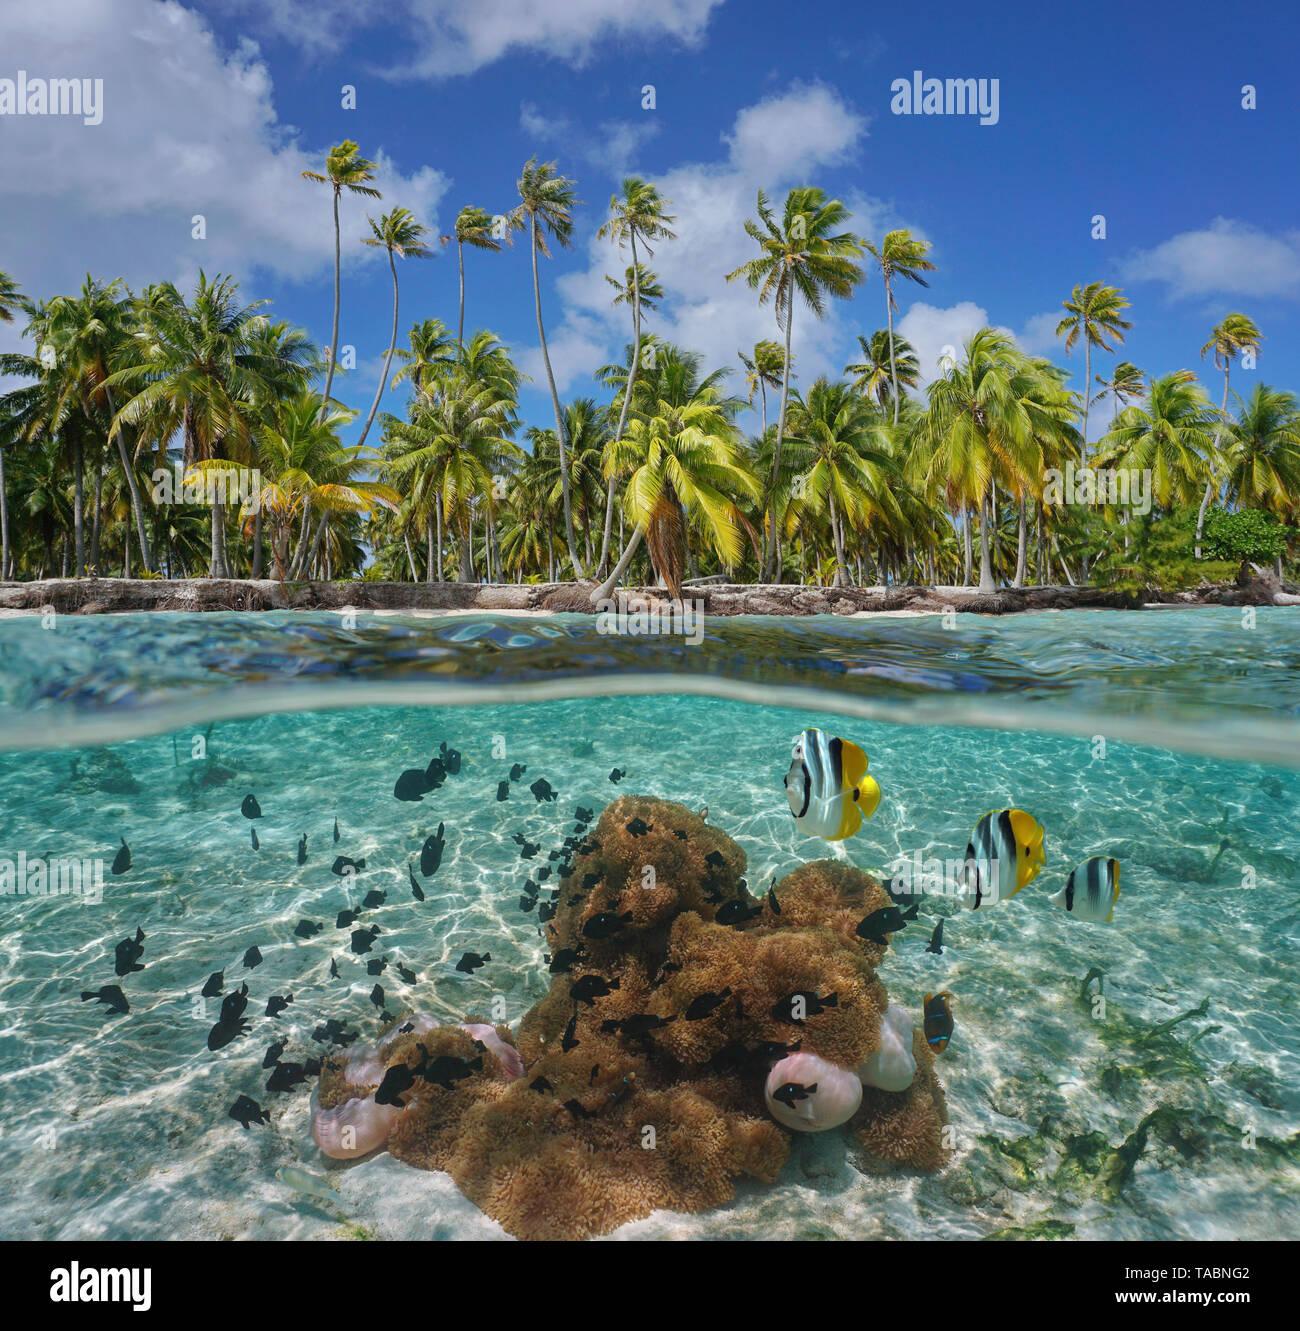 Costa Tropical con las anémonas de mar y peces bajo el agua, Tikehau atoll, Tuamotu, en la Polinesia francesa, Océano Pacífico, vista dividida por encima y por debajo de la superficie del agua Foto de stock